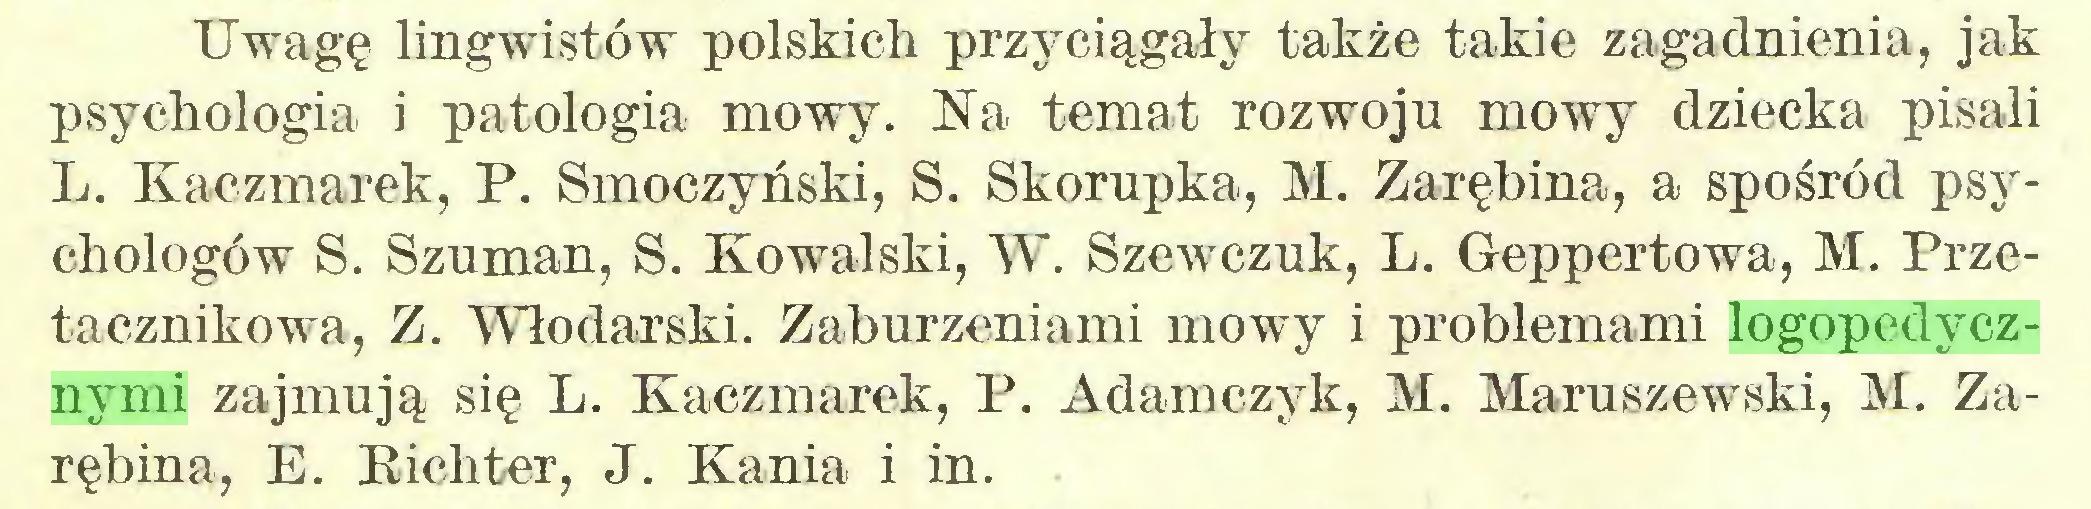 (...) Uwagę lingwistów polskich przyciągały także takie zagadnienia, jak psychologia i patologia mowy. Na temat rozwoju mowy dziecka pisali L. Kaczmarek, P. Smoczyński, S. Skorupka, M. Zarębina, a spośród psychologów S. Szuman, S. Kowalski, W. Szewczuk, L. Geppertowa, M. Przetacznikowa, Z. Włodarski. Zaburzeniami mowy i problemami logopedycznymi zajmują się L. Kaczmarek, P. Adamczyk, M. Maruszewski, M. Zarębina, E. Richter, J. Kania i in...